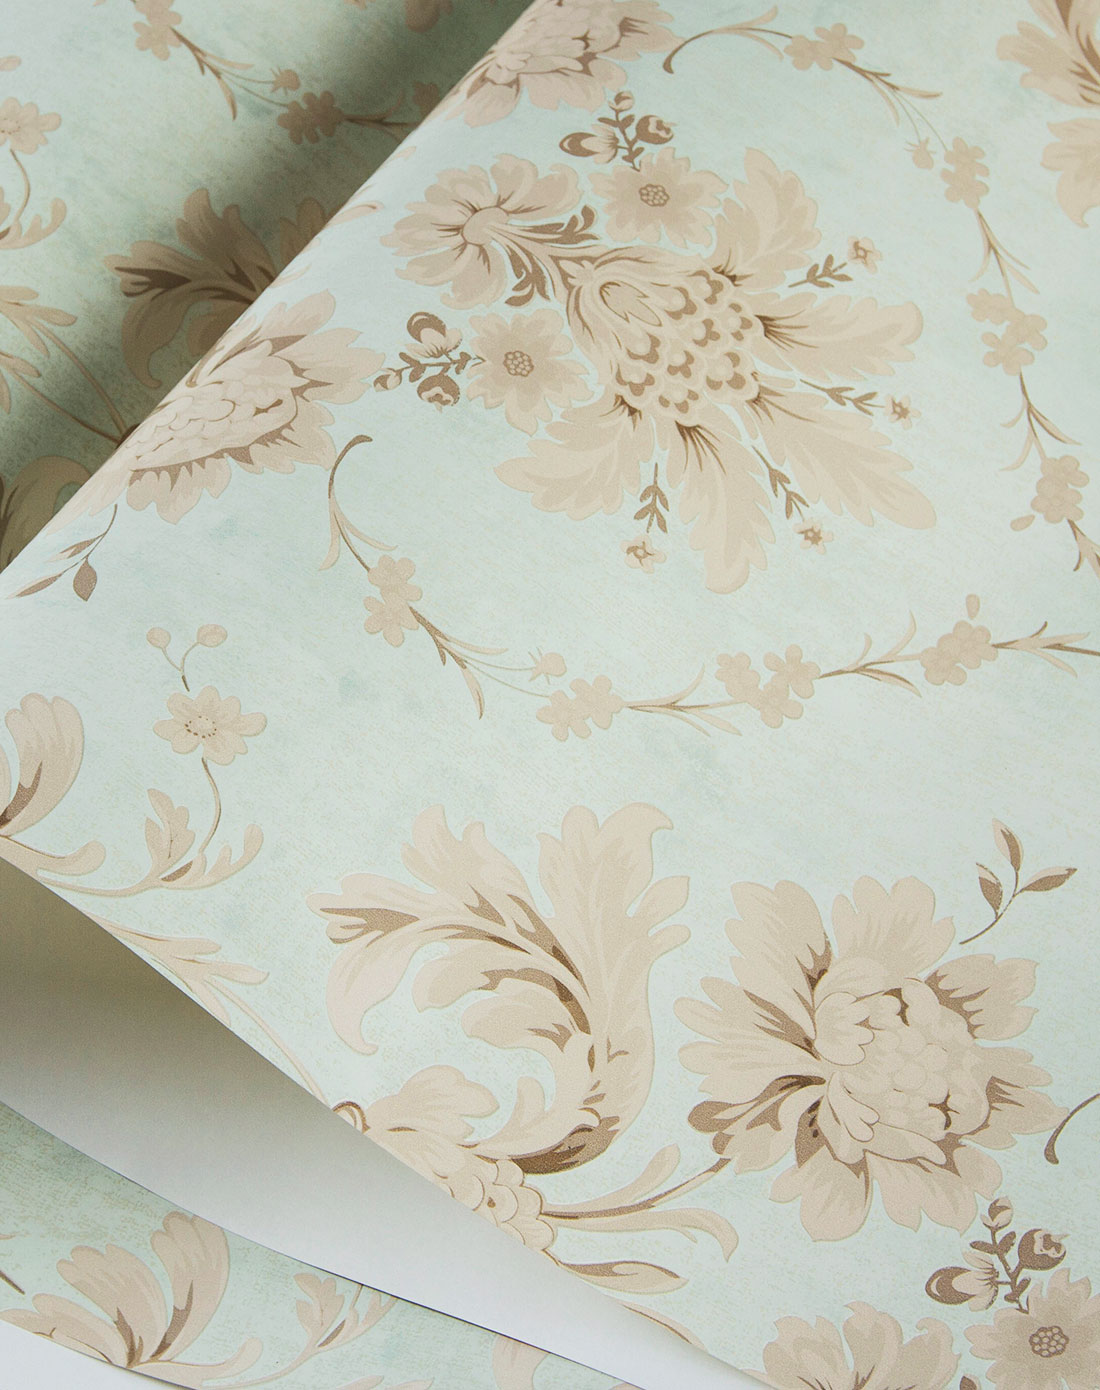 粉蓝色欧式复古纯纸鎏金发泡工艺墙纸